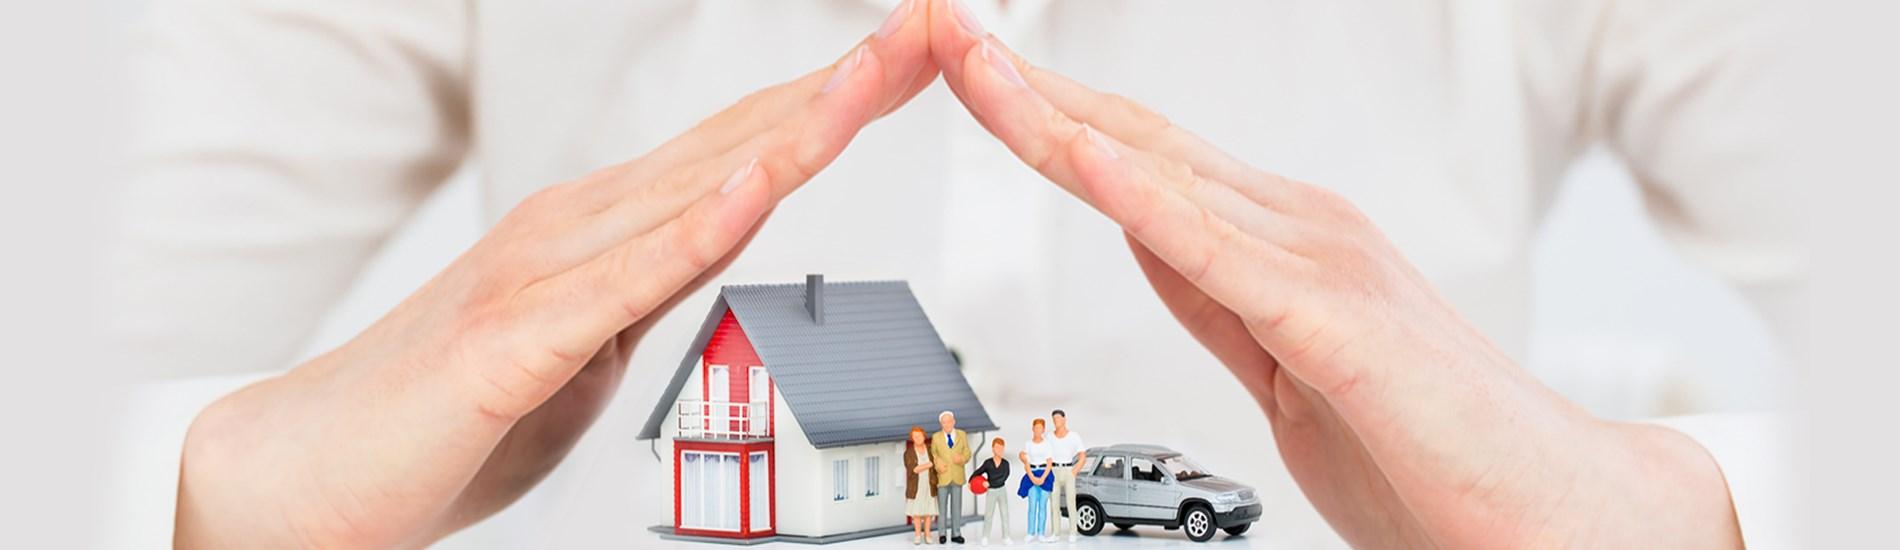 風險總是無情,避免一人倒全家倒,別忘善用保險建構家庭防護網,挑選高CP值保單絕對是這輩子最正確的選擇。